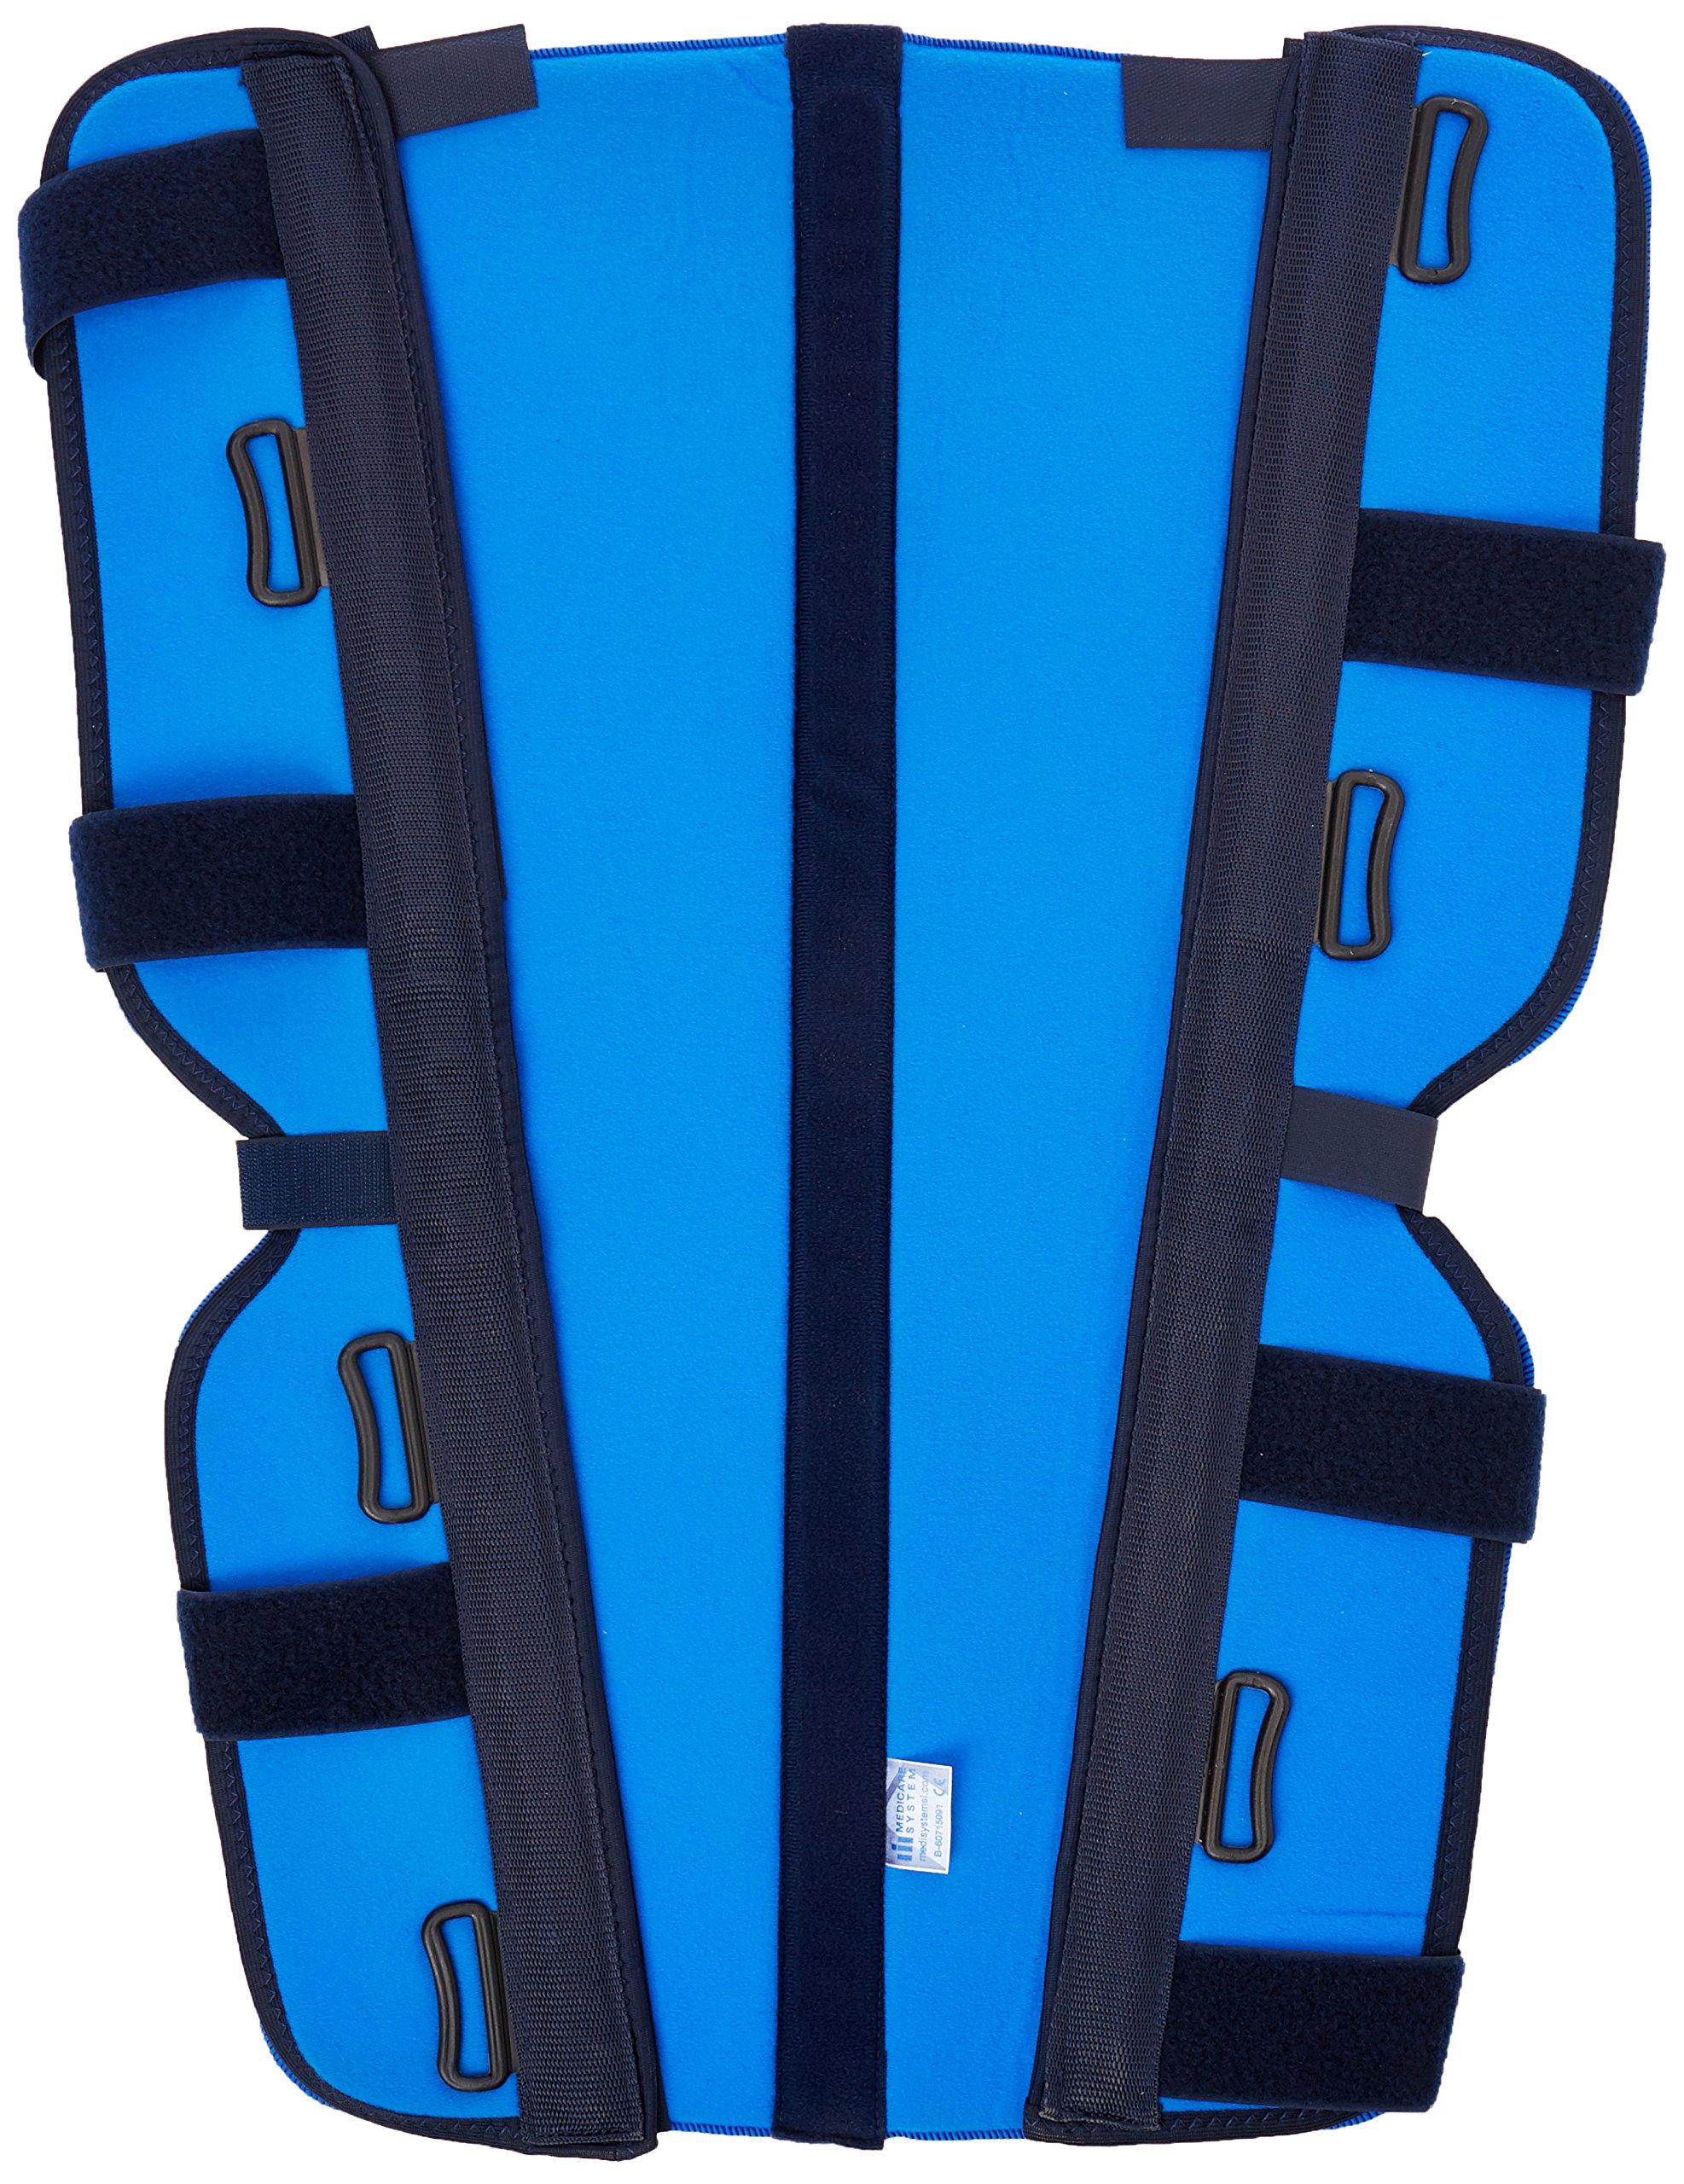 Medicare sistema sof0475suave bienes Ortocel suave sfo0475rodillera, XL, 70cm), color azul